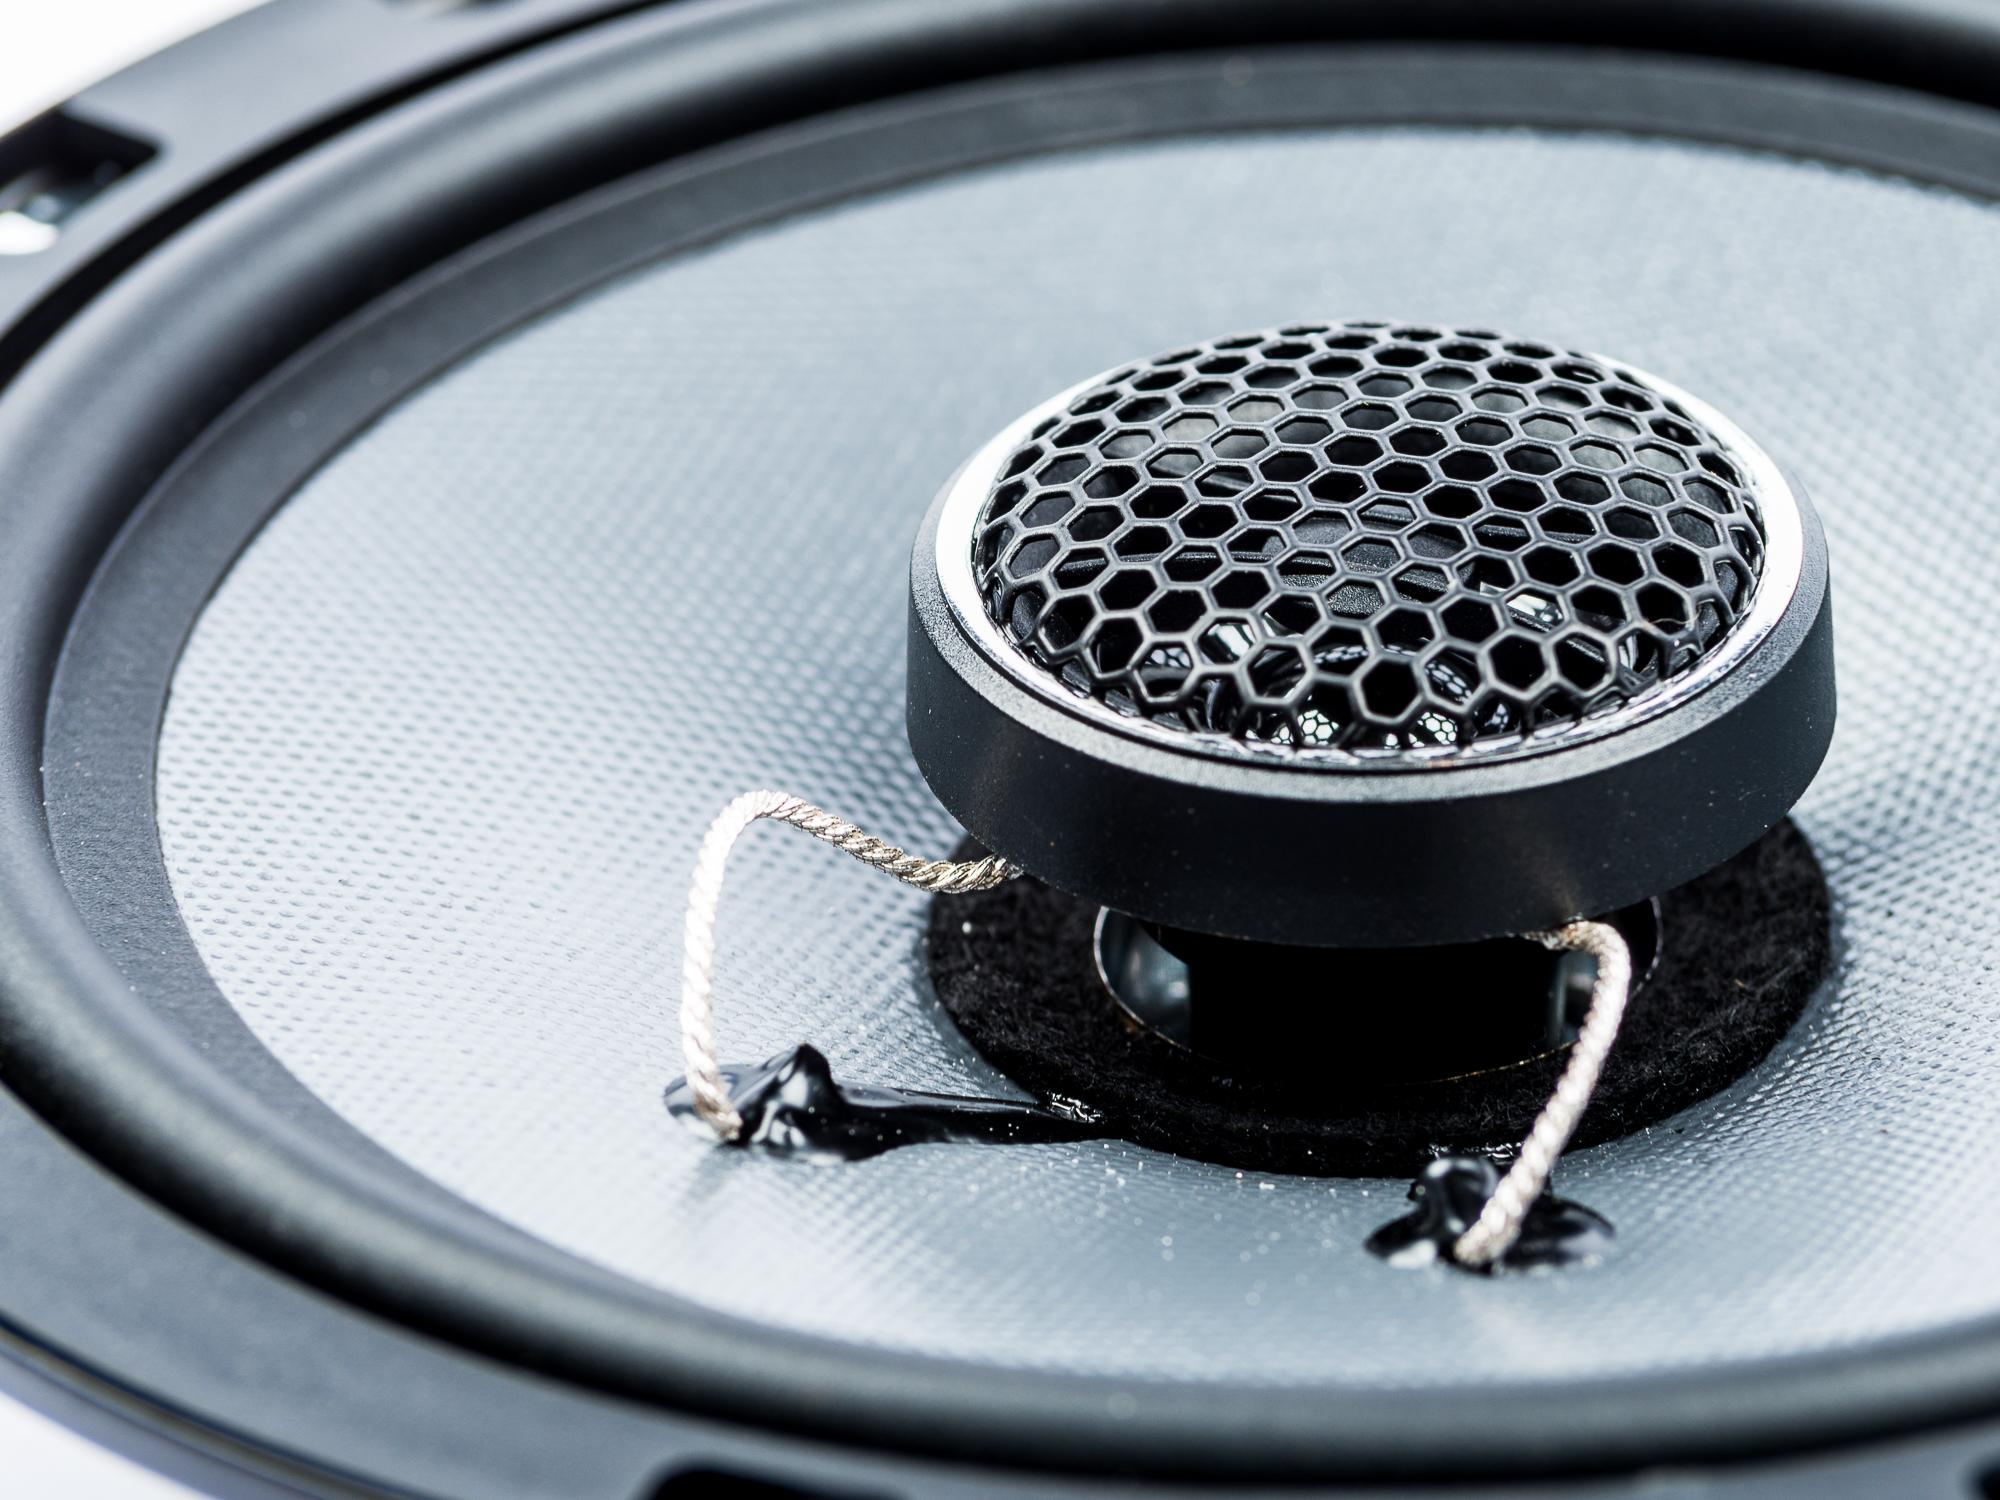 Volvo 850 Lautsprecher Einbauset Tür vorne – Bild 4